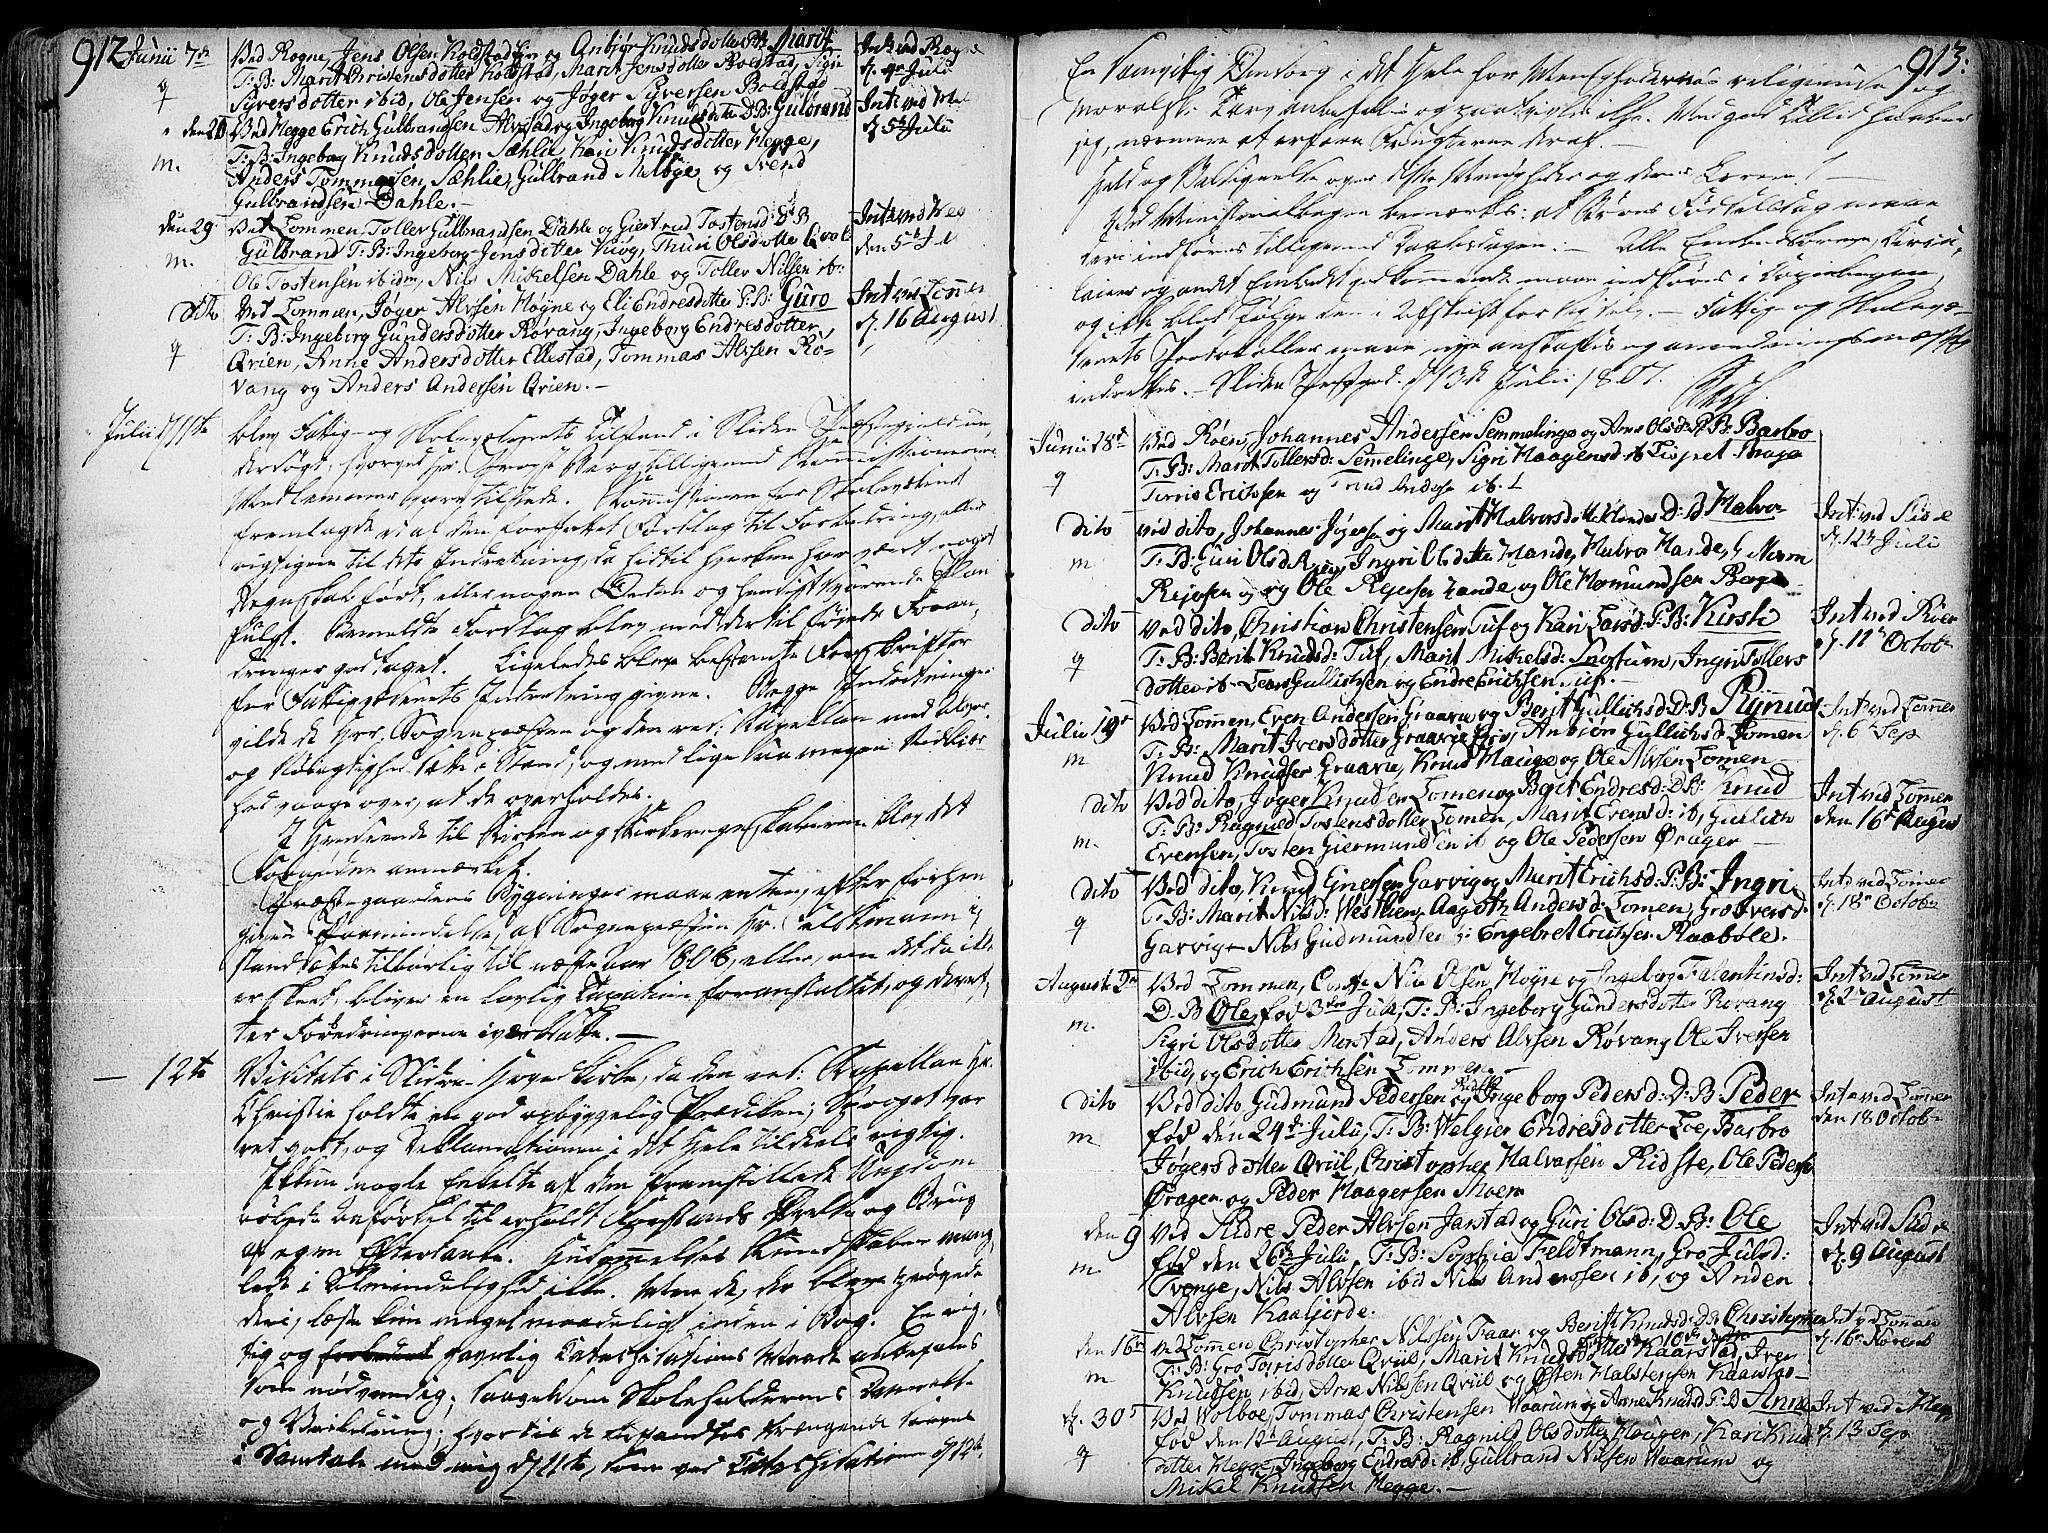 SAH, Slidre prestekontor, Ministerialbok nr. 1, 1724-1814, s. 912-913